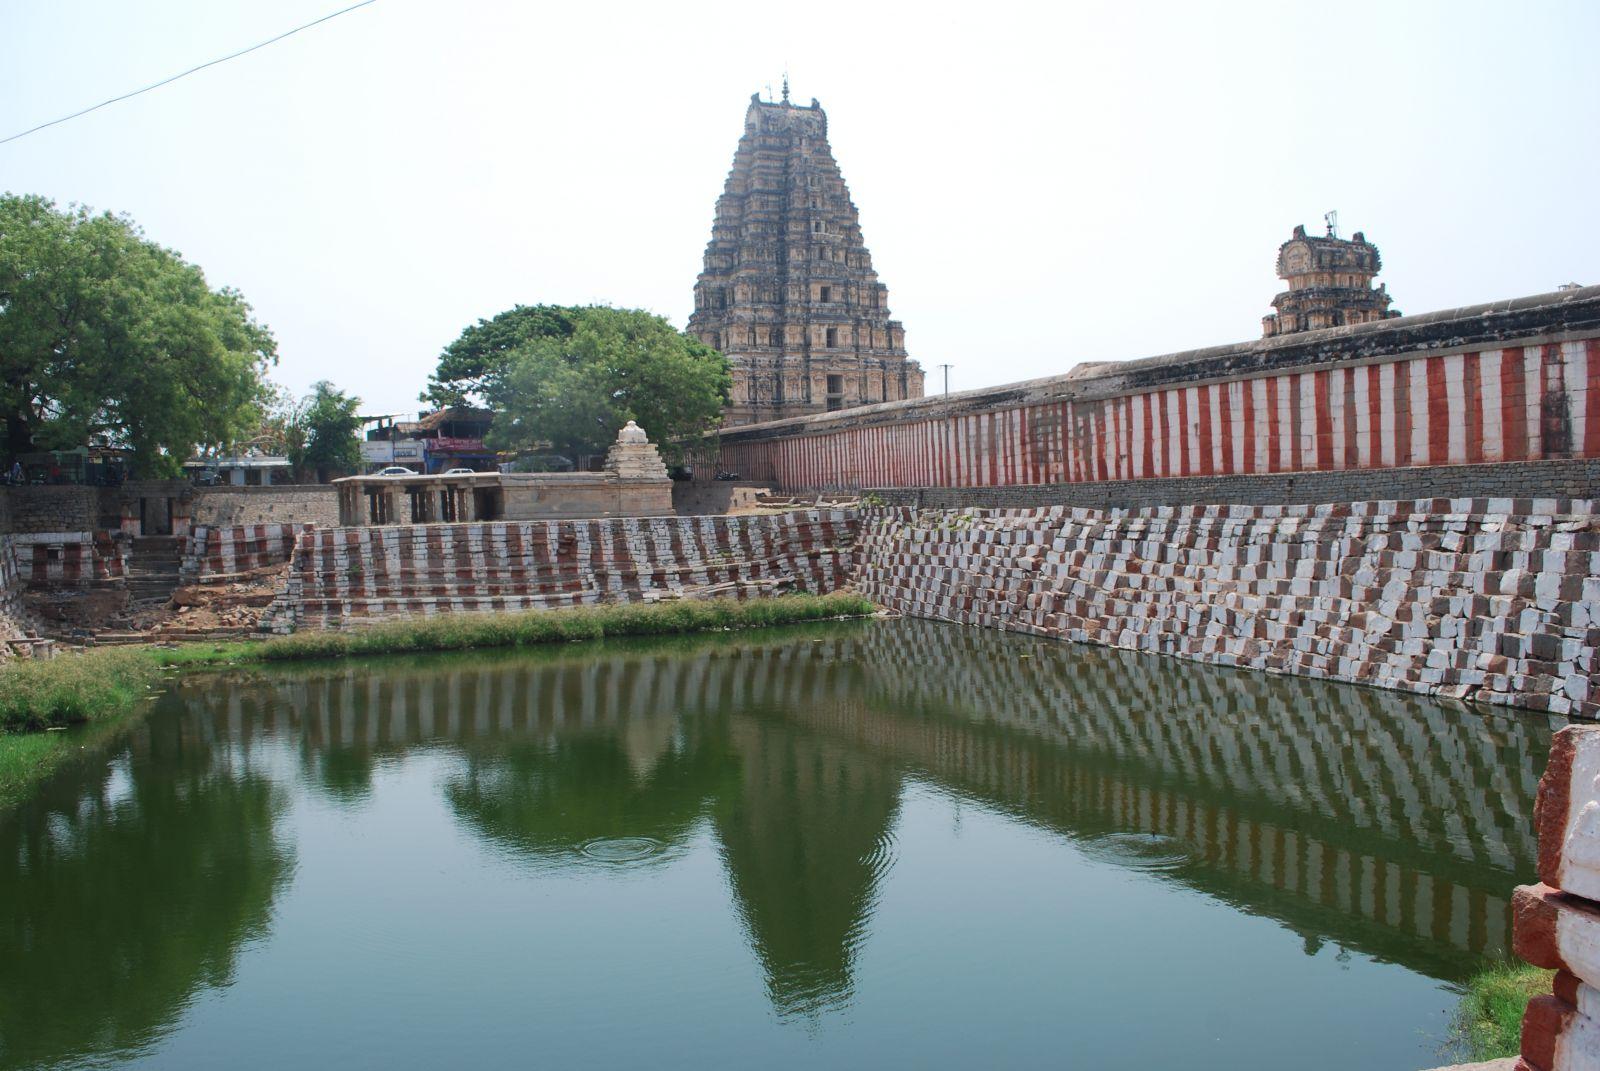 若寺廟不在天然水源附近,寺廟前通常會挖建一個淡水池最為淨身之用,大小视廟的大小而定。水不僅被用於進入聖廟前儀式浴,也用在宗教儀式,以及保持寺廟地面乾淨。